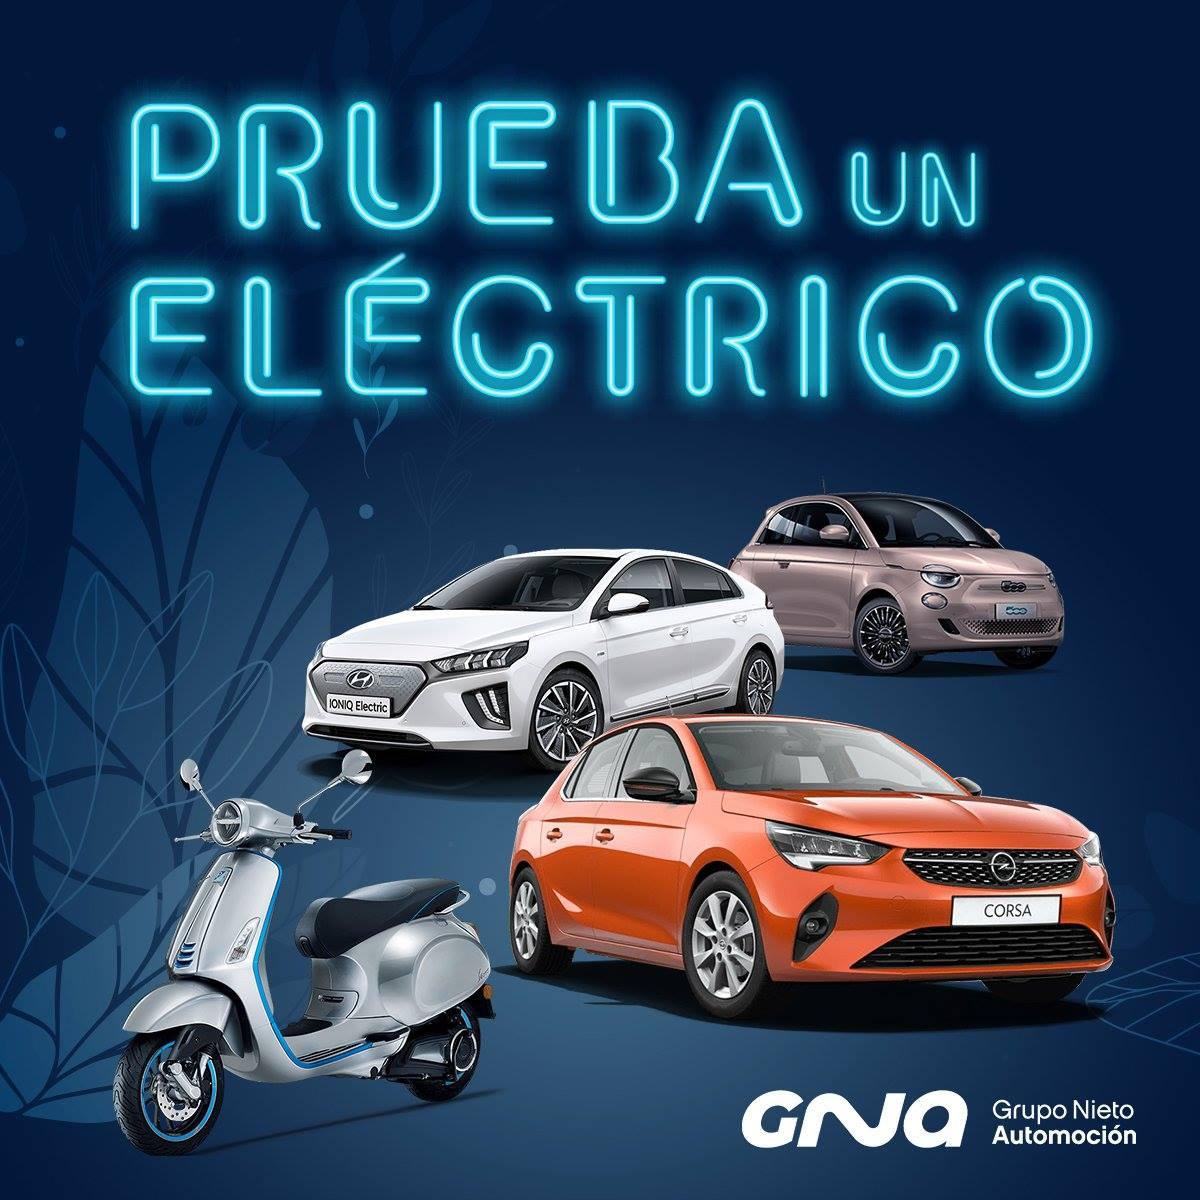 ¿Debería pasarme al coche eléctrico? - gna-ang.com